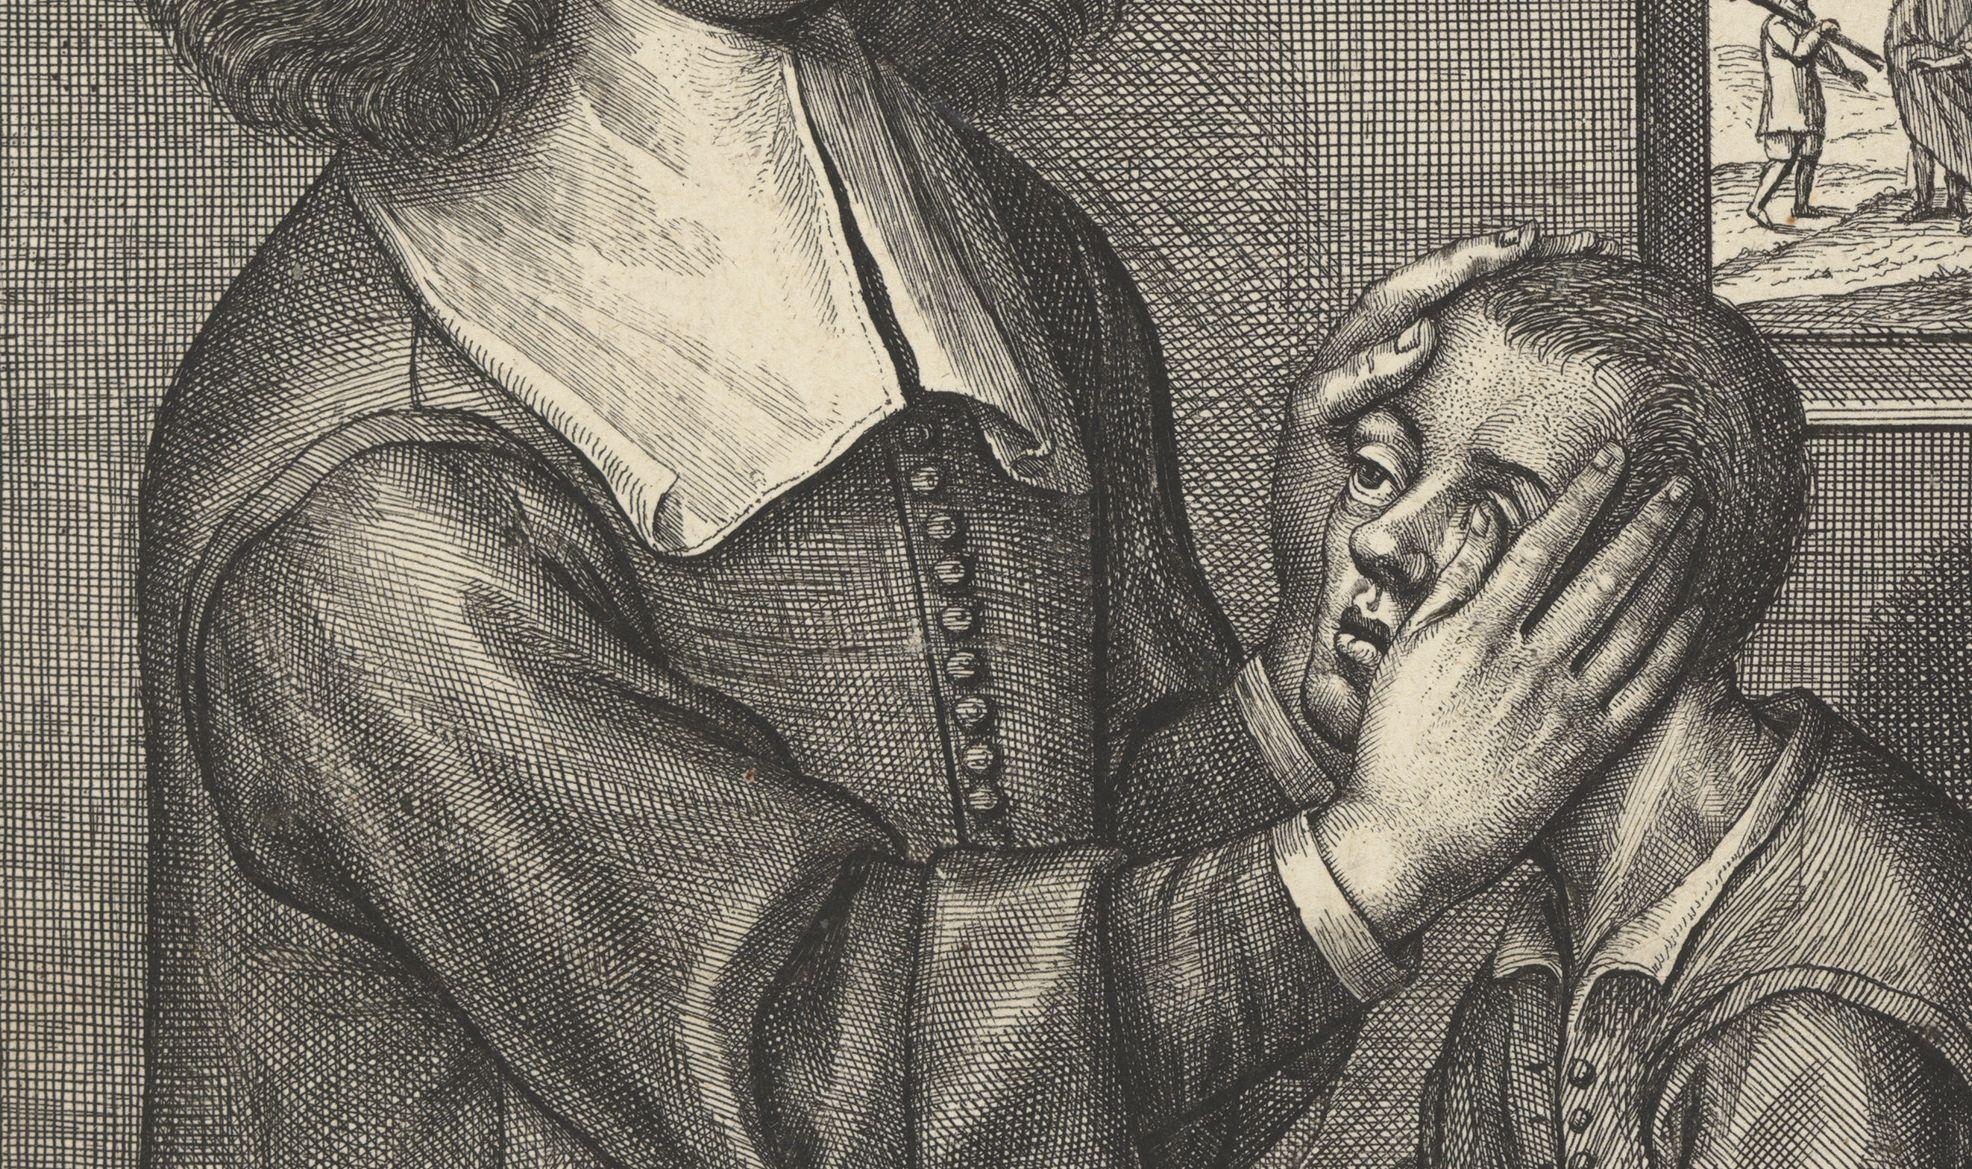 William Faithorne, Portrait of Valentine Greatrakes [detail]. Engraving on paper, 1666. Fitzwilliam Museum, Cambridge